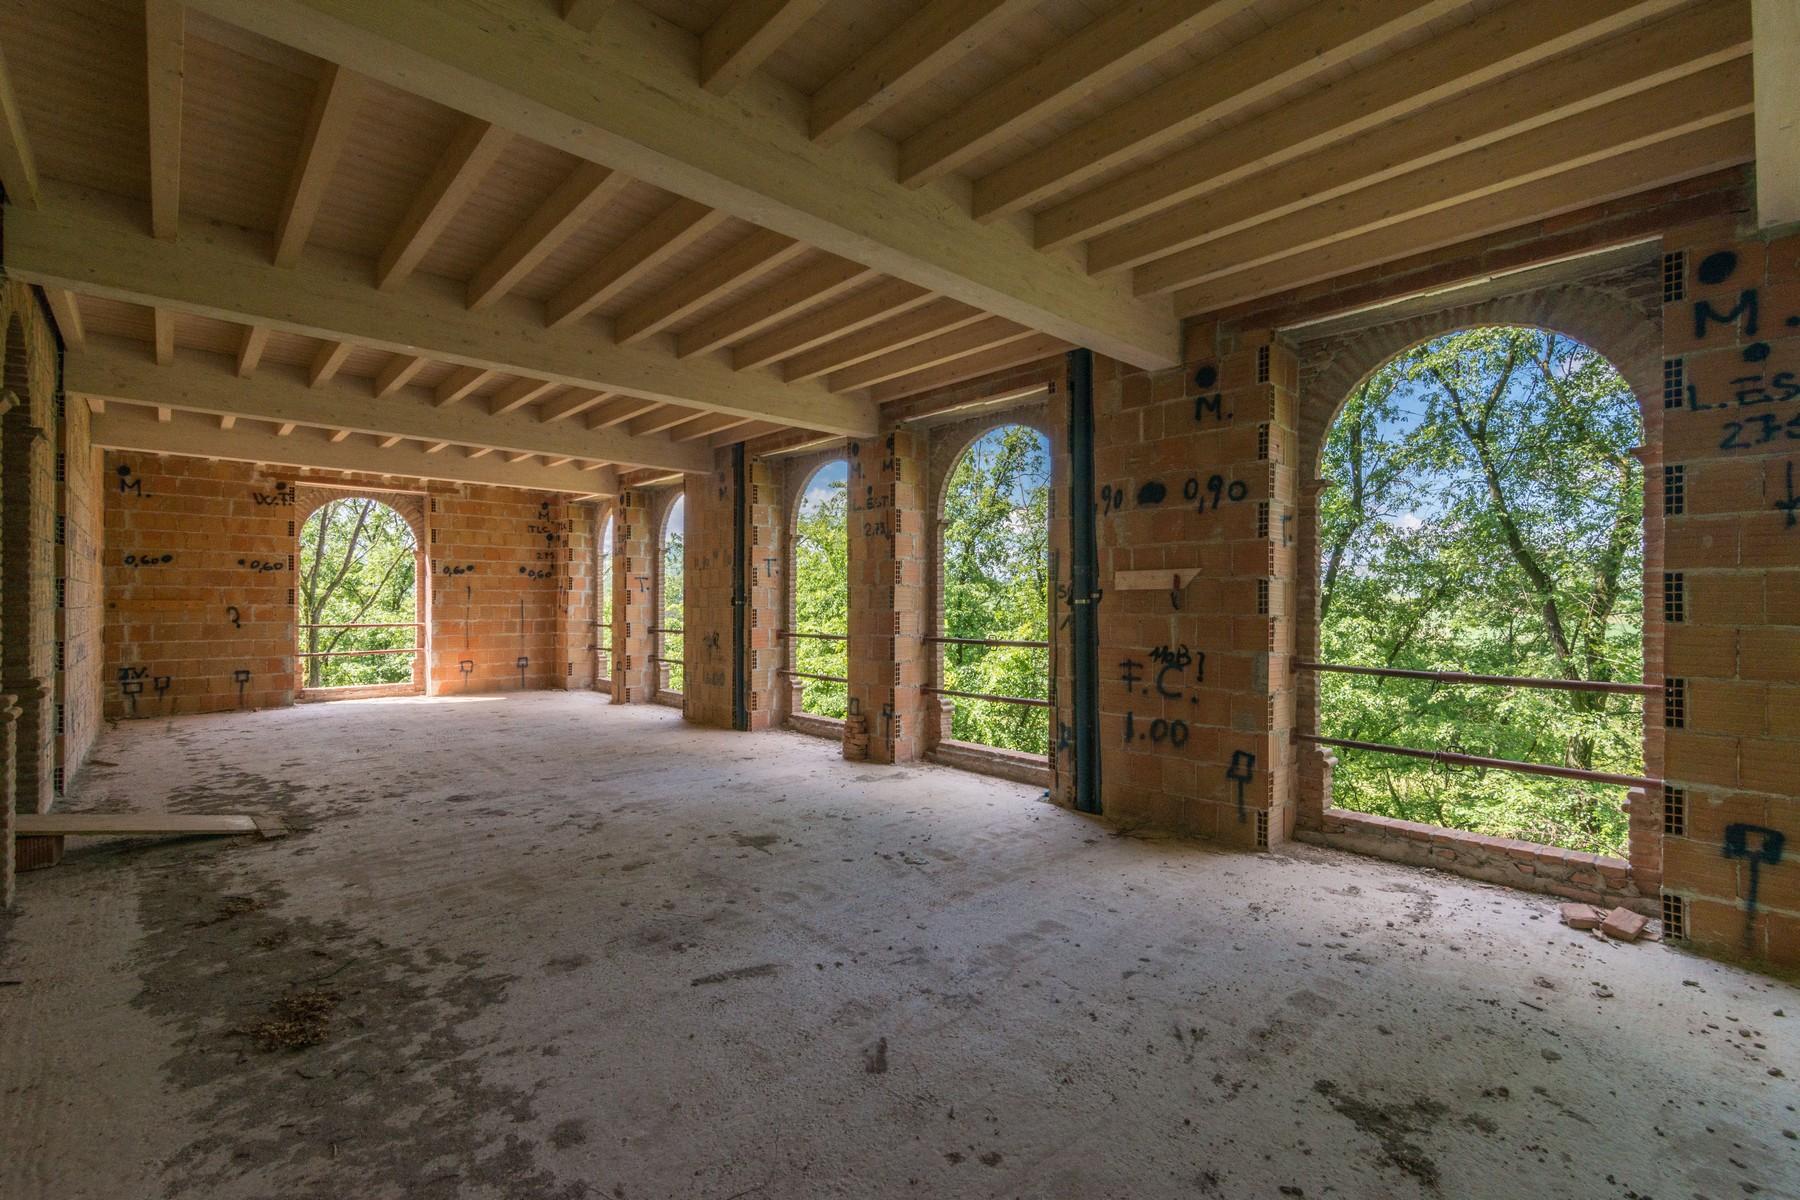 Casa indipendente in Vendita a Piacenza: 5 locali, 800 mq - Foto 6